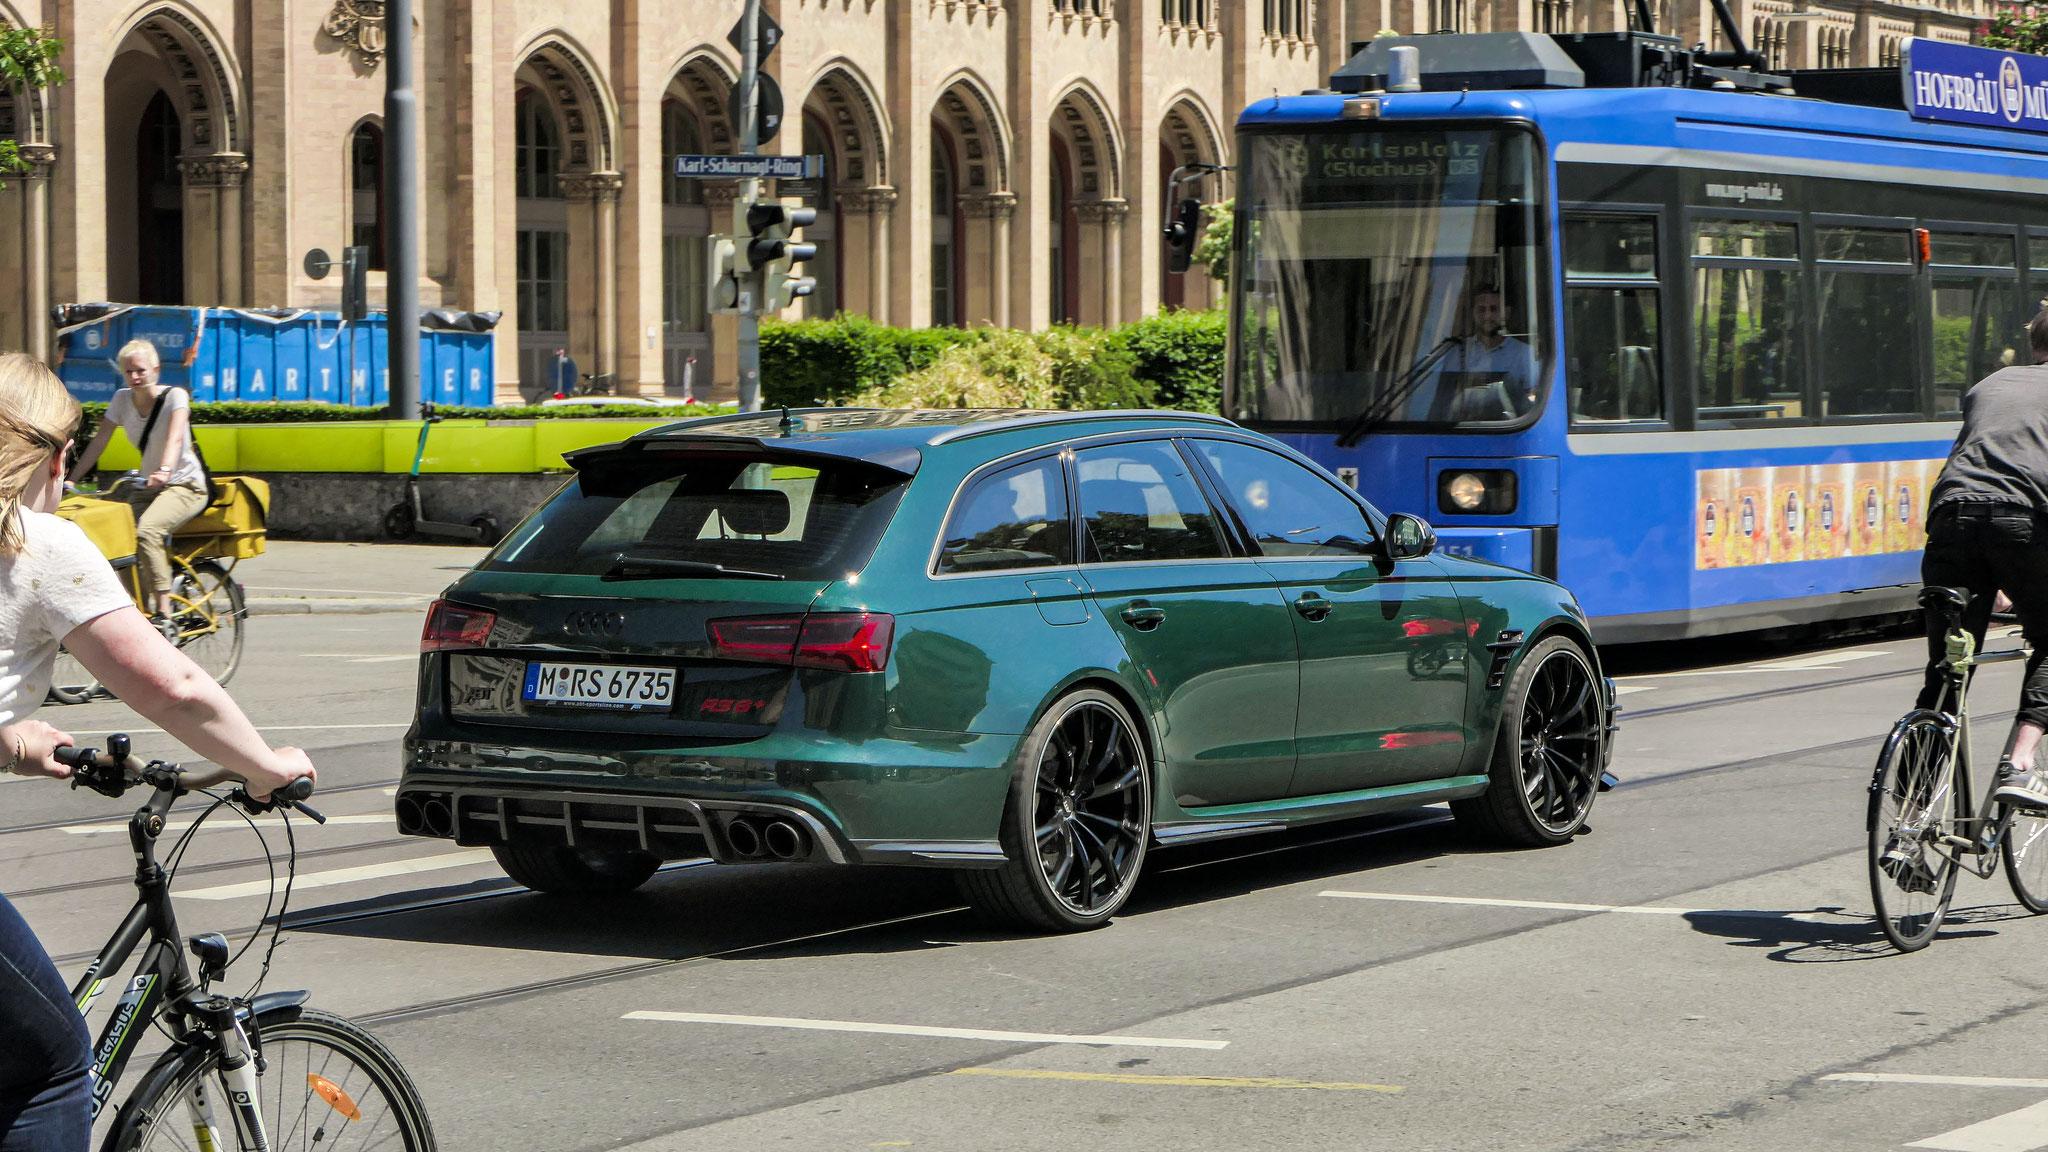 Audi RS6+ Abt - M-RS-6735